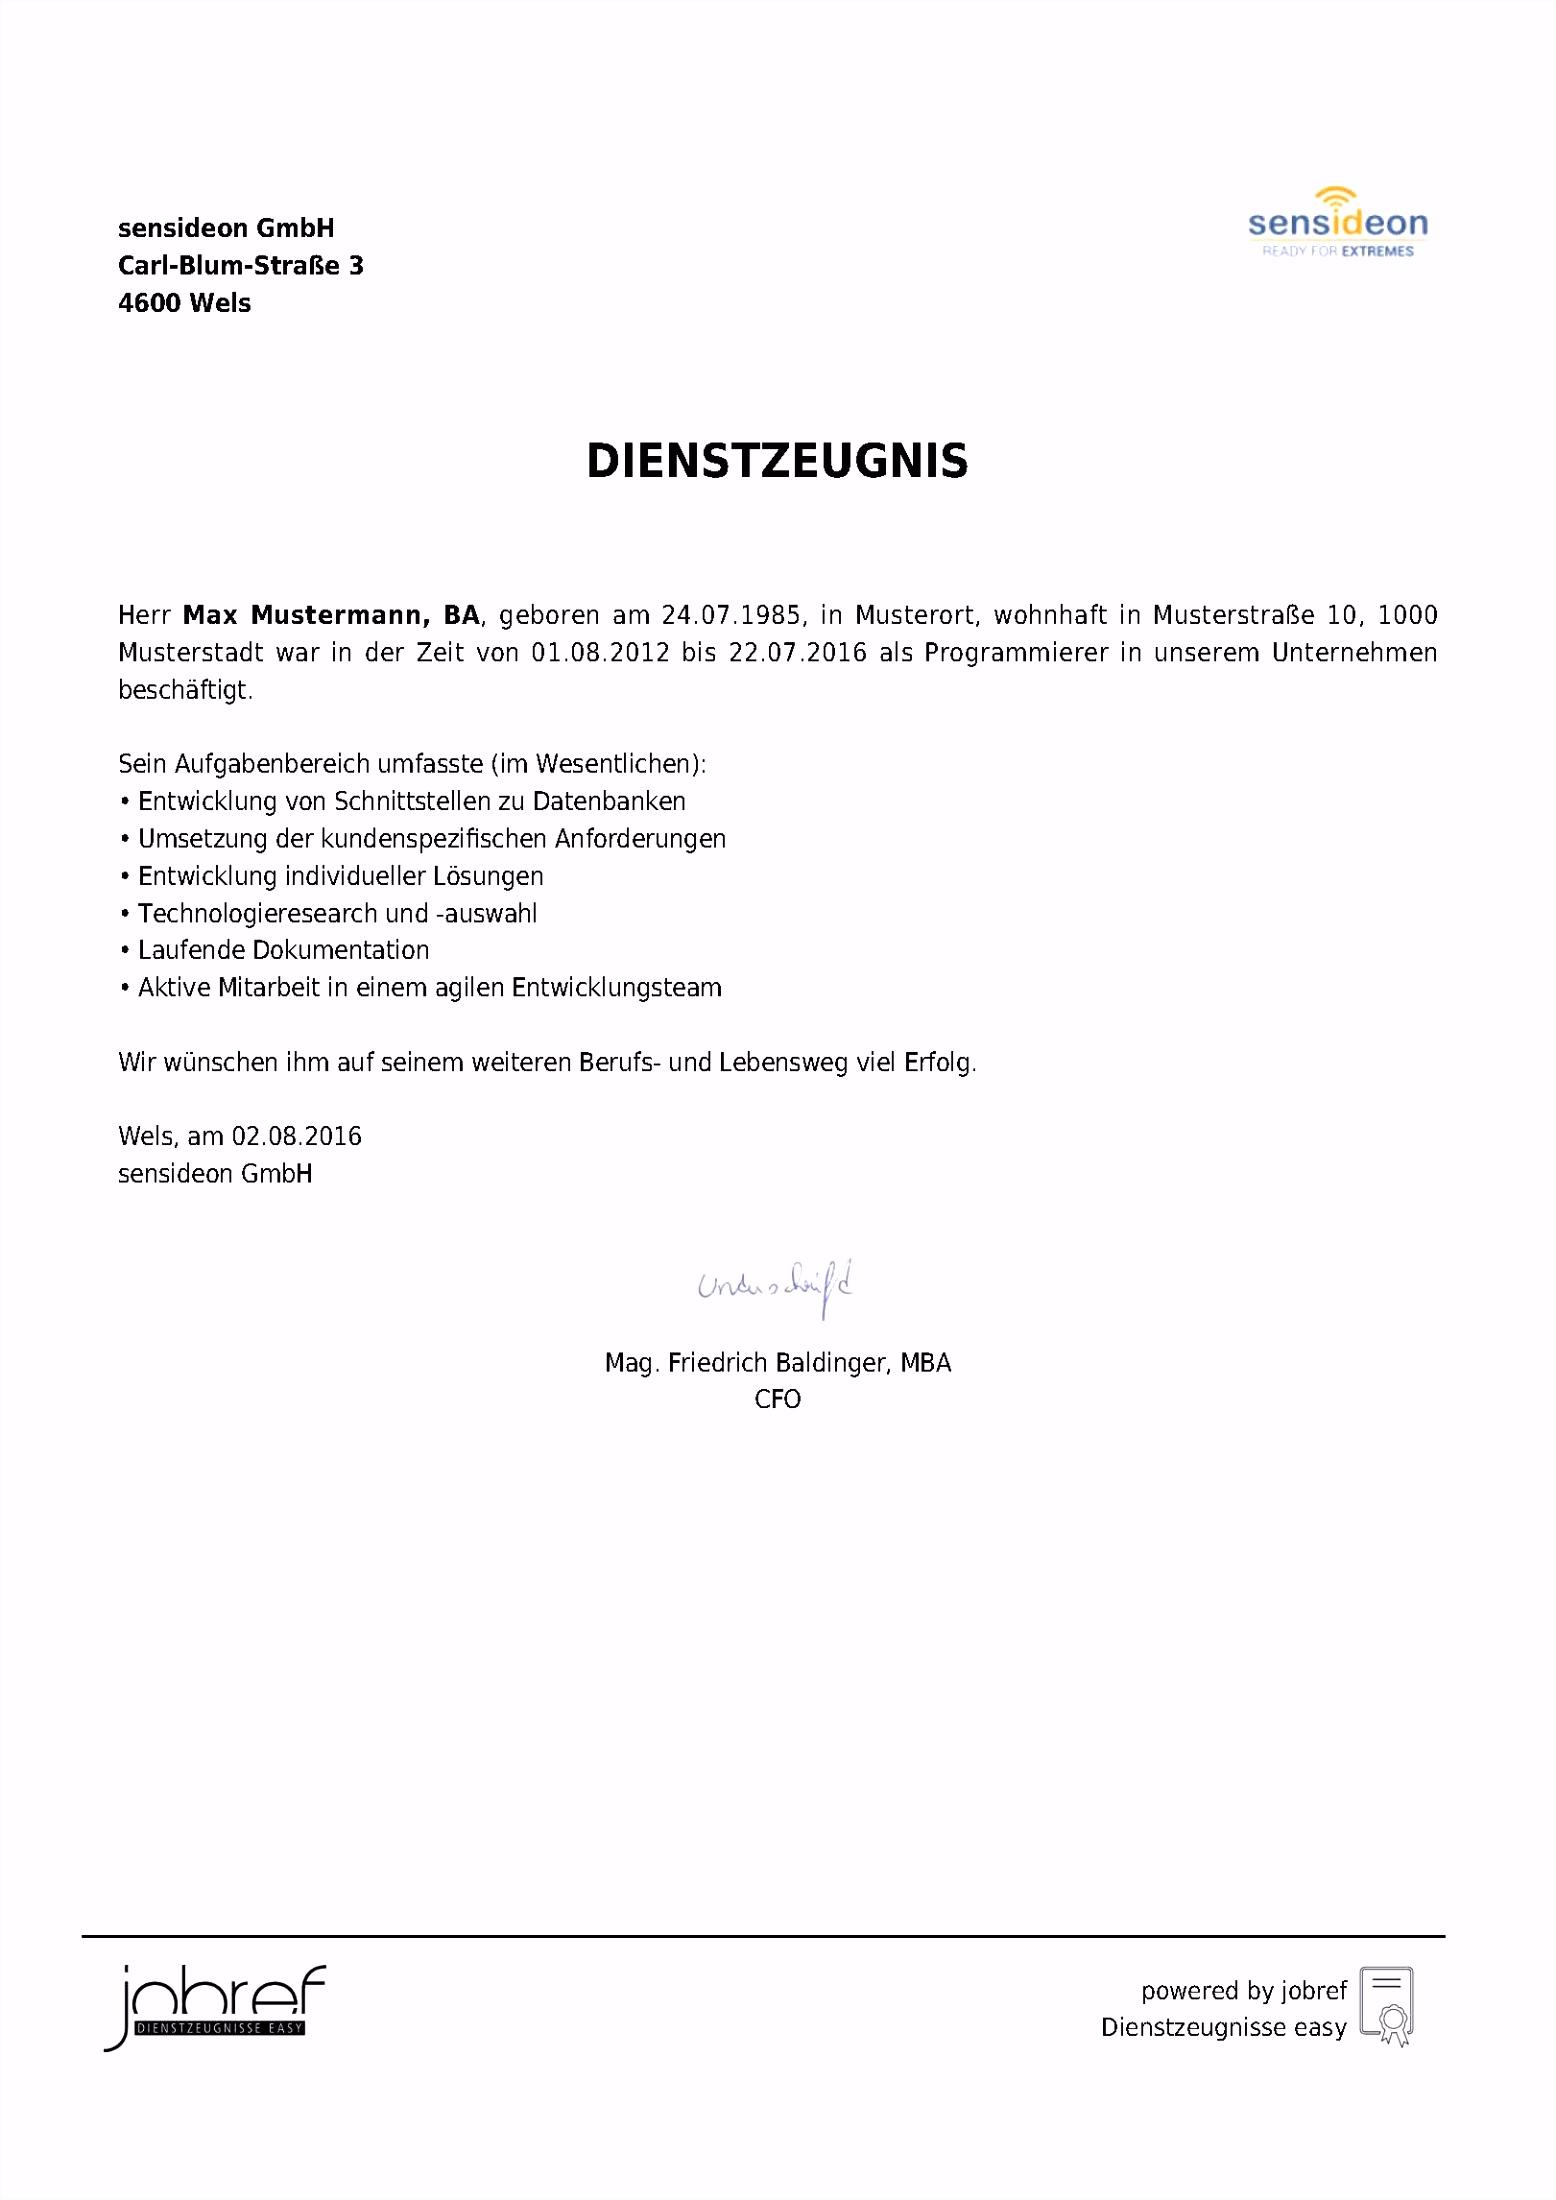 Neues Arbeitszeugnis Anfordern Vorlage 20 Qualifiziertes Arbeitszeugnis Generator D6bp17ebg5 L4dj56eds4